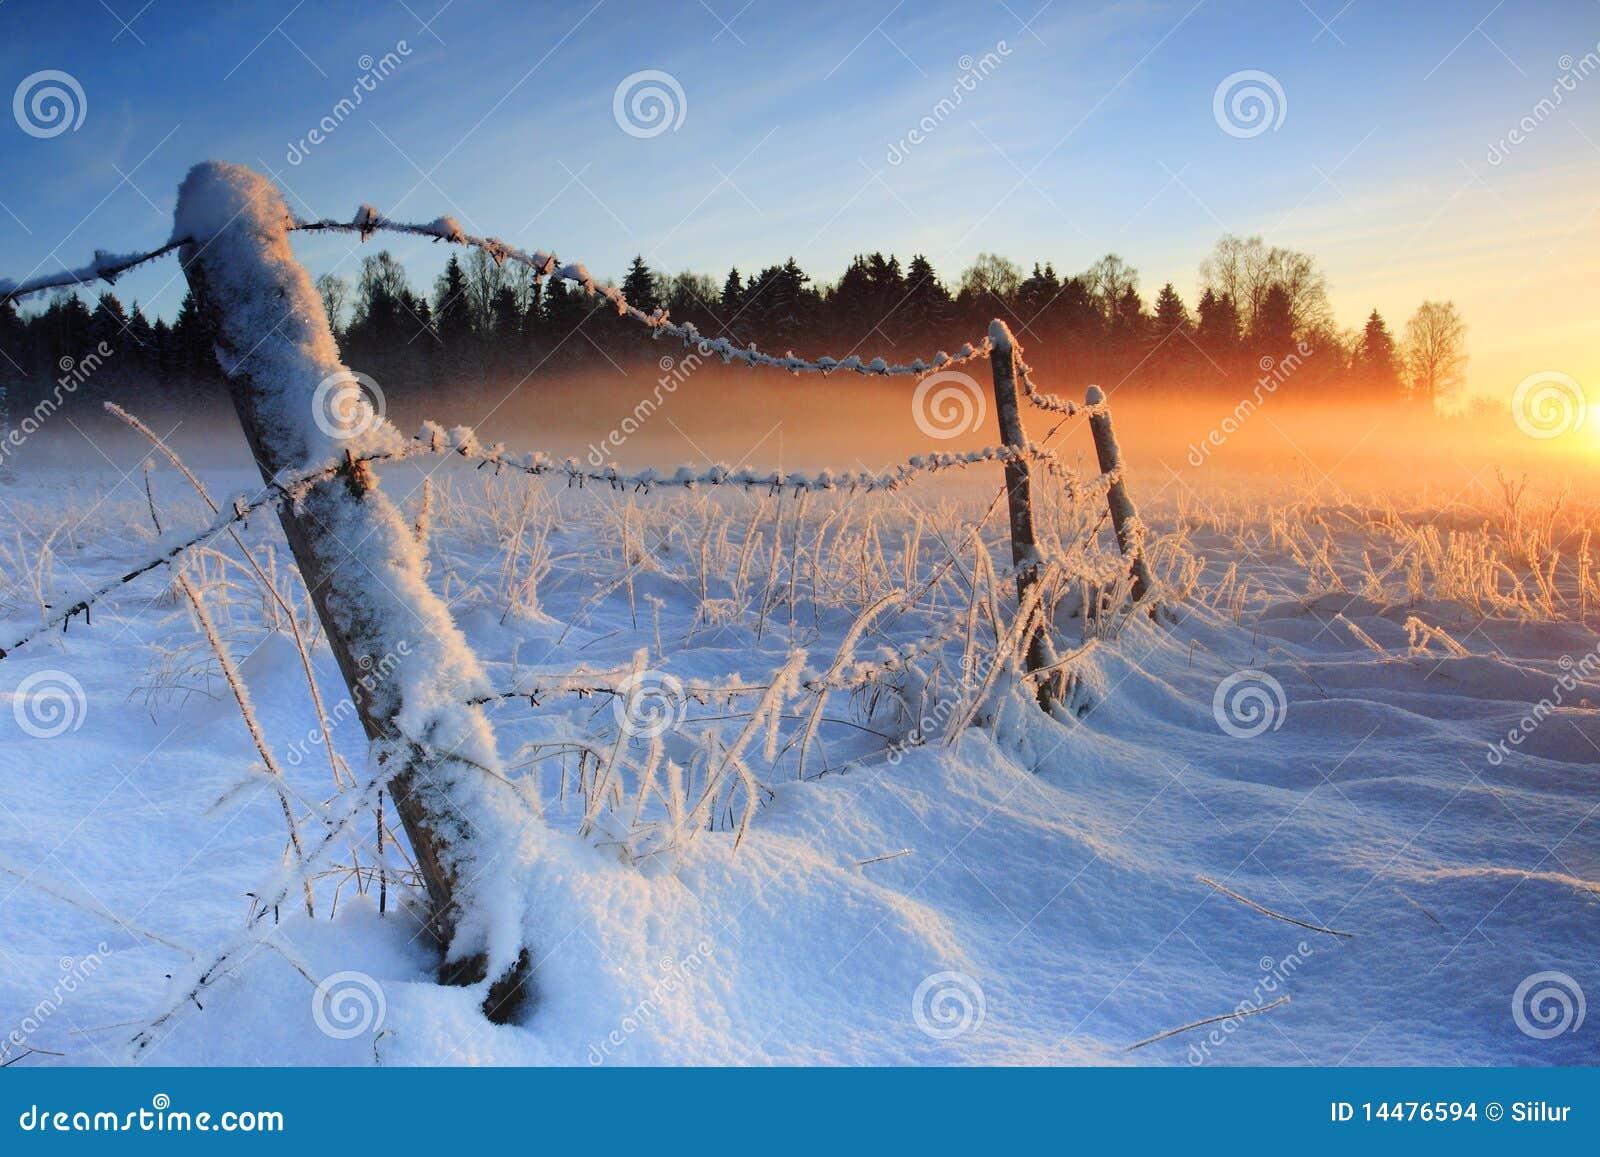 coucher du soleil froid chaud de l 39 hiver photo stock image du color lumi re 14476594. Black Bedroom Furniture Sets. Home Design Ideas